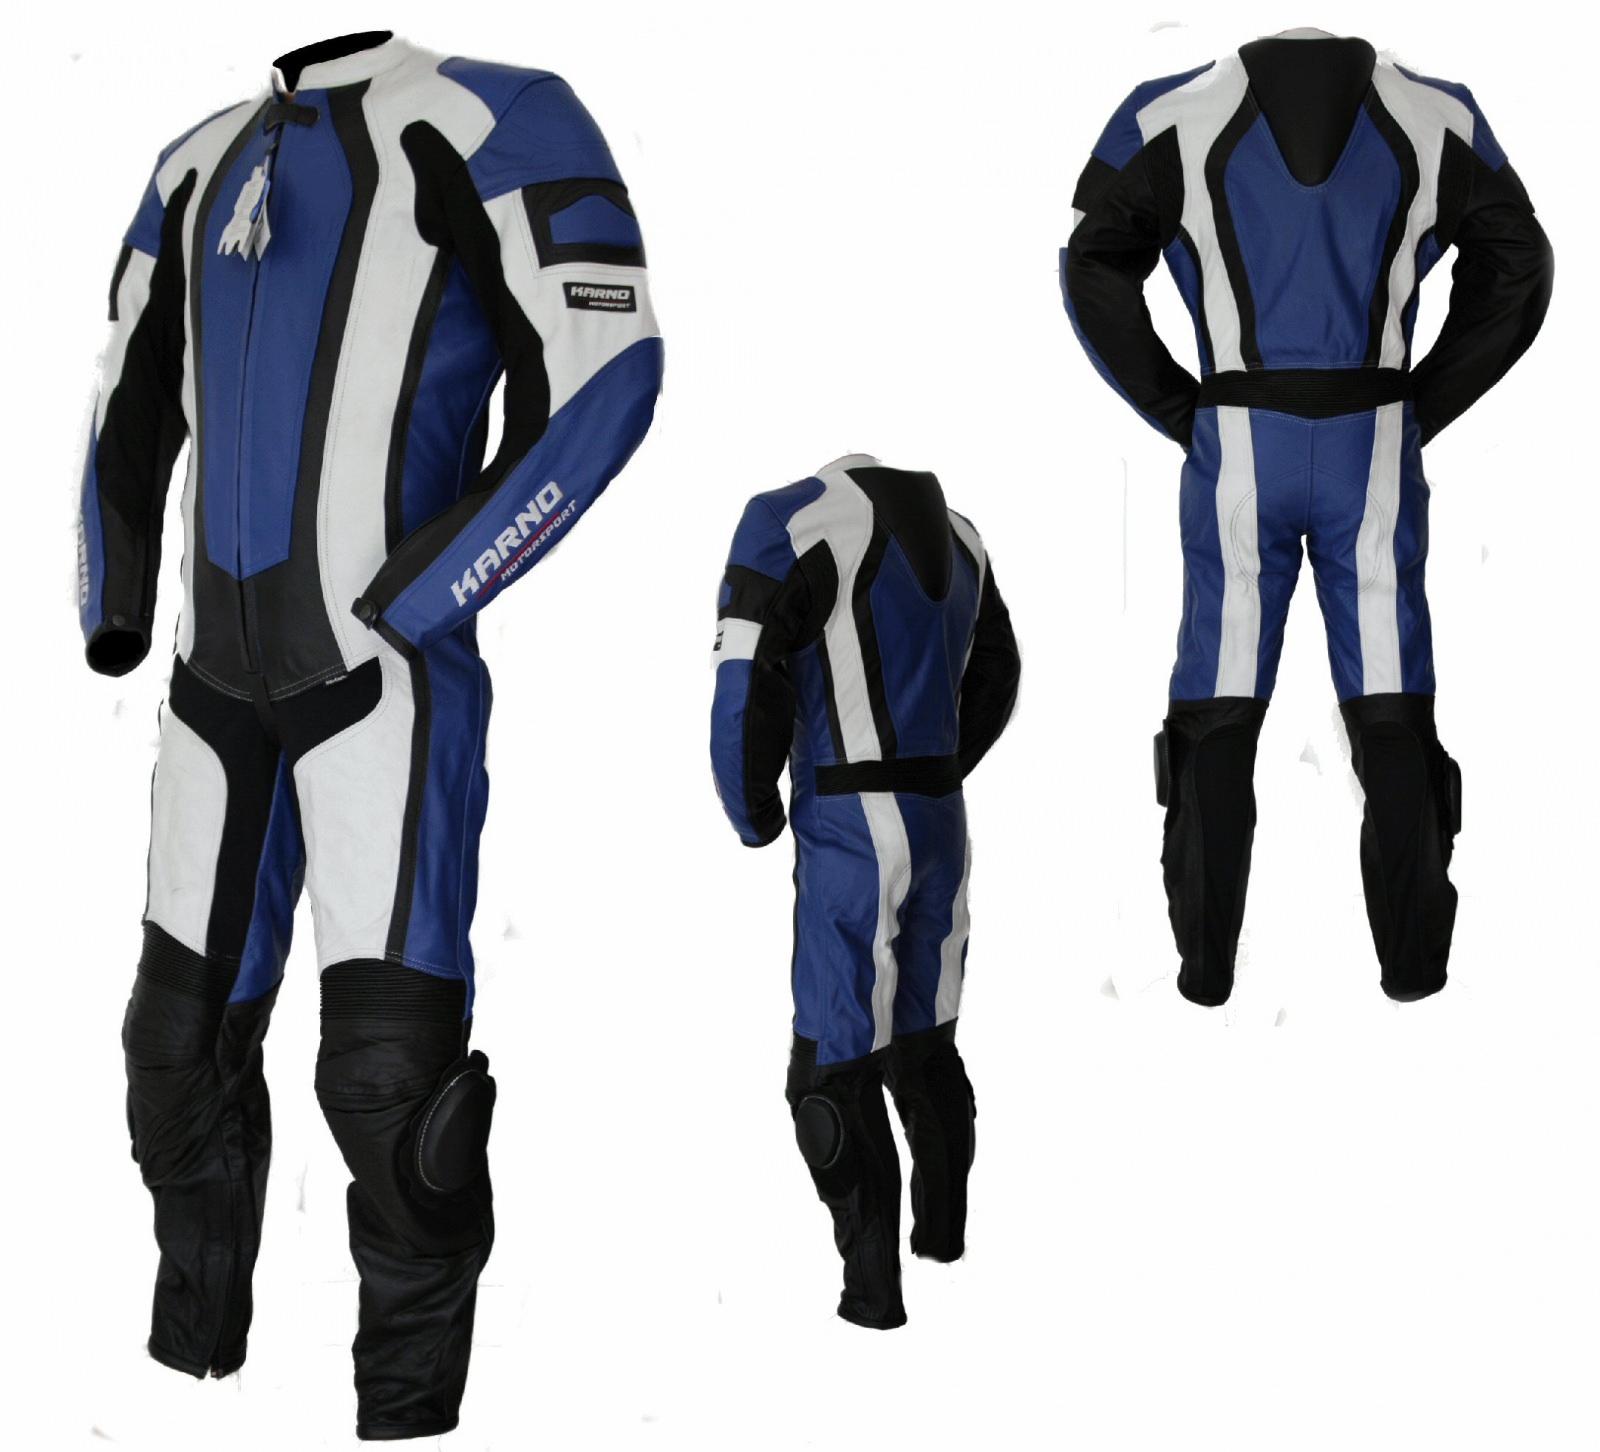 Kc206_X3 combinaison moto piste bleue